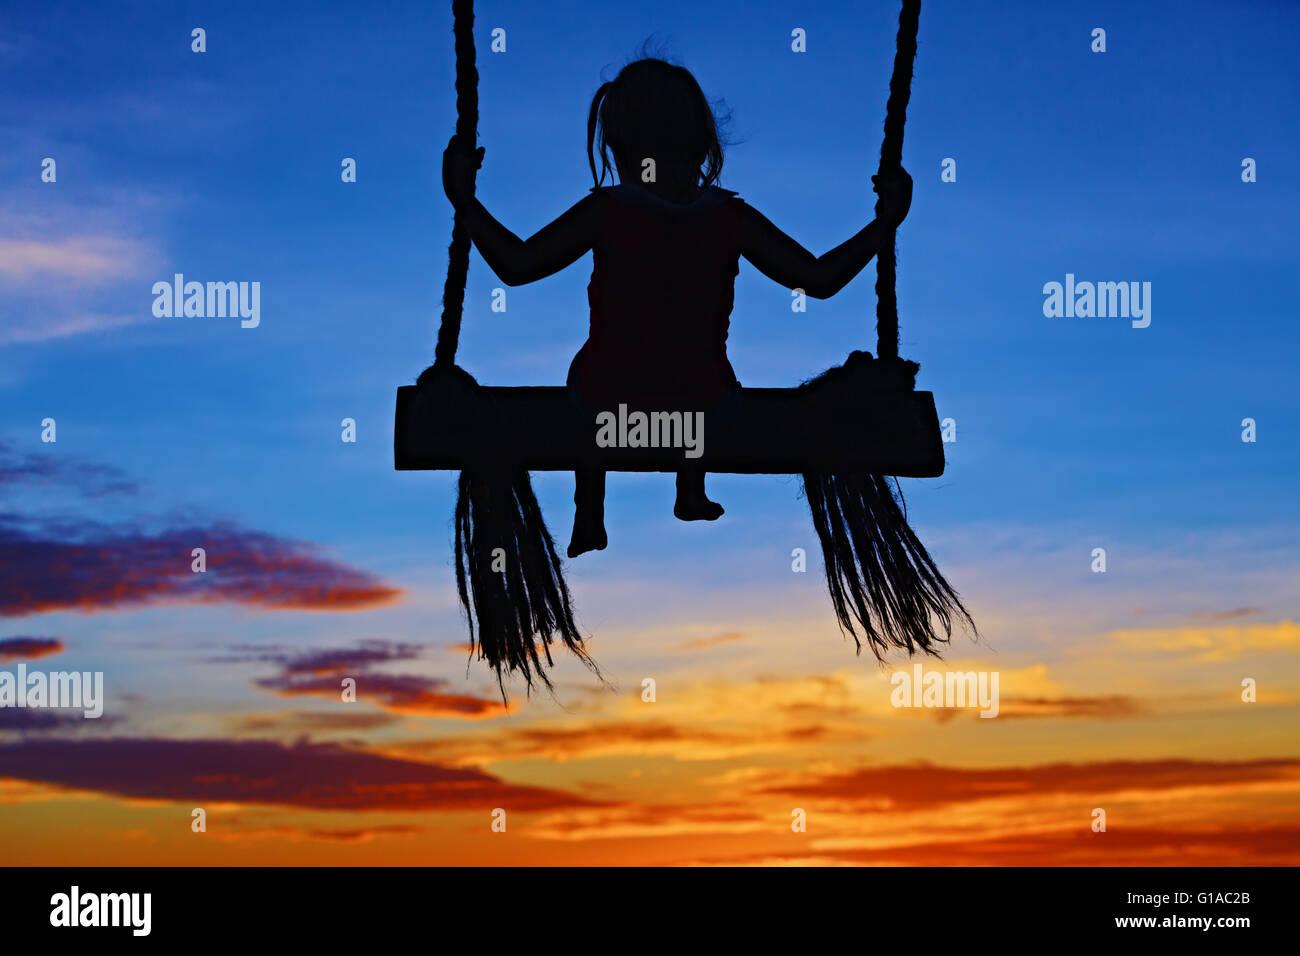 Schwarze Silhouette von Babymädchen fliegen hoch mit Spaß am Seil Schaukel auf blau orange sunset Himmelshintergrund. Stockbild